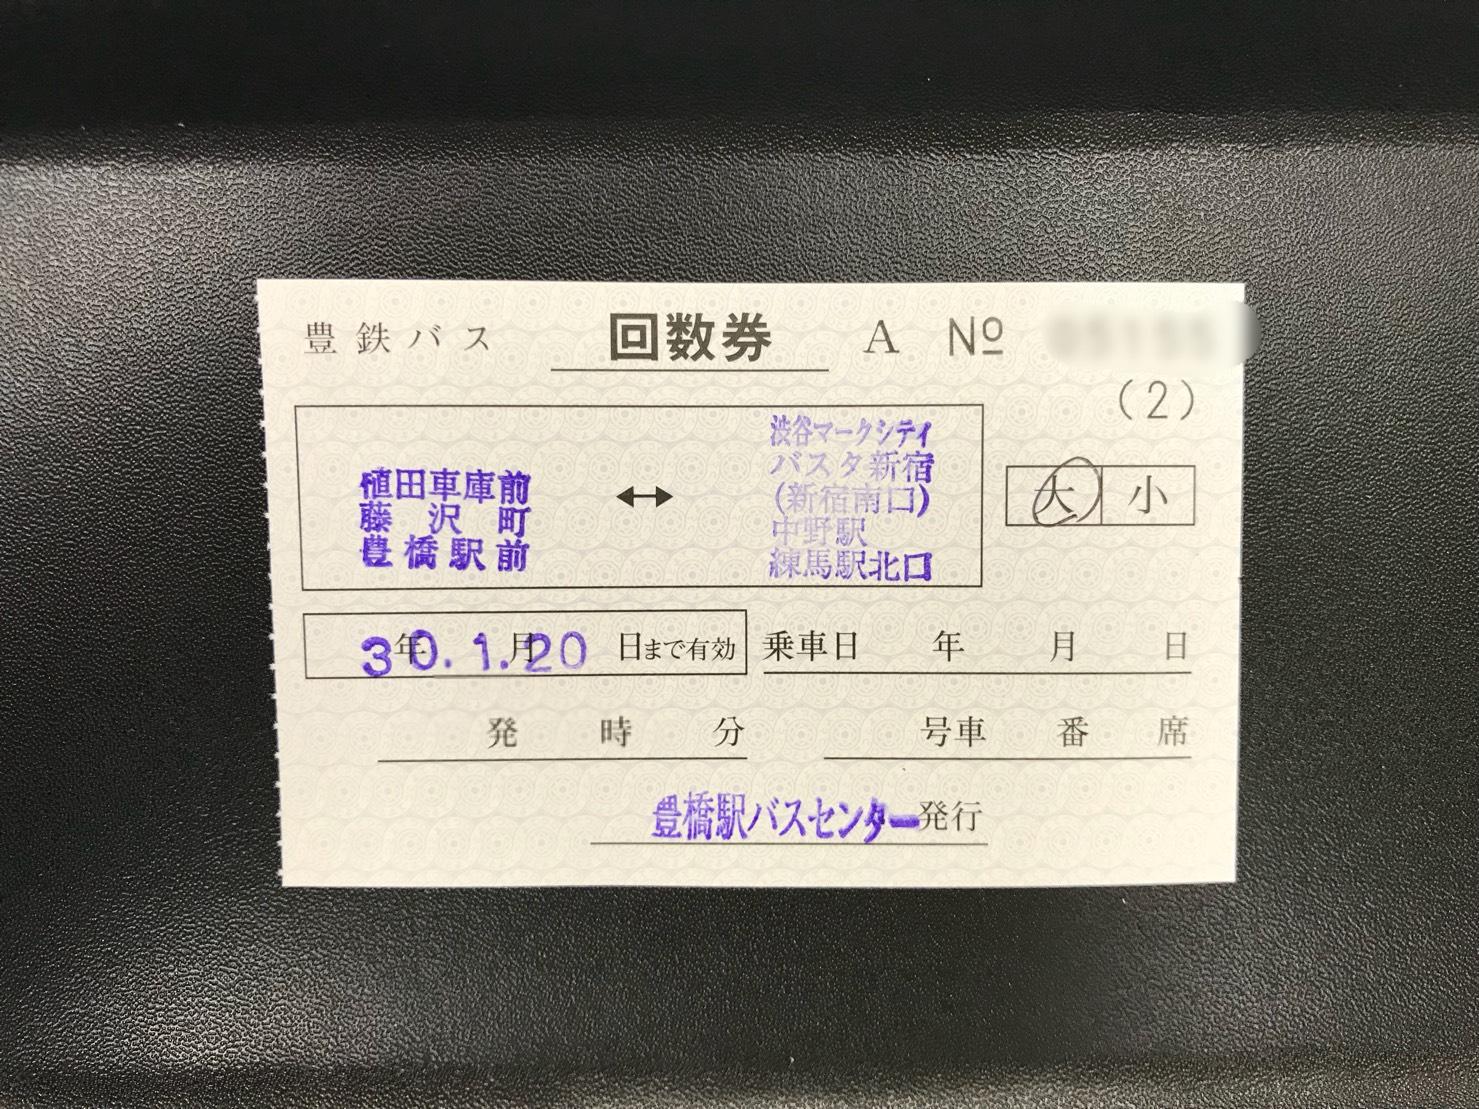 豊橋金券ショップフリーチケット|夜行バス・ほの国号回数券